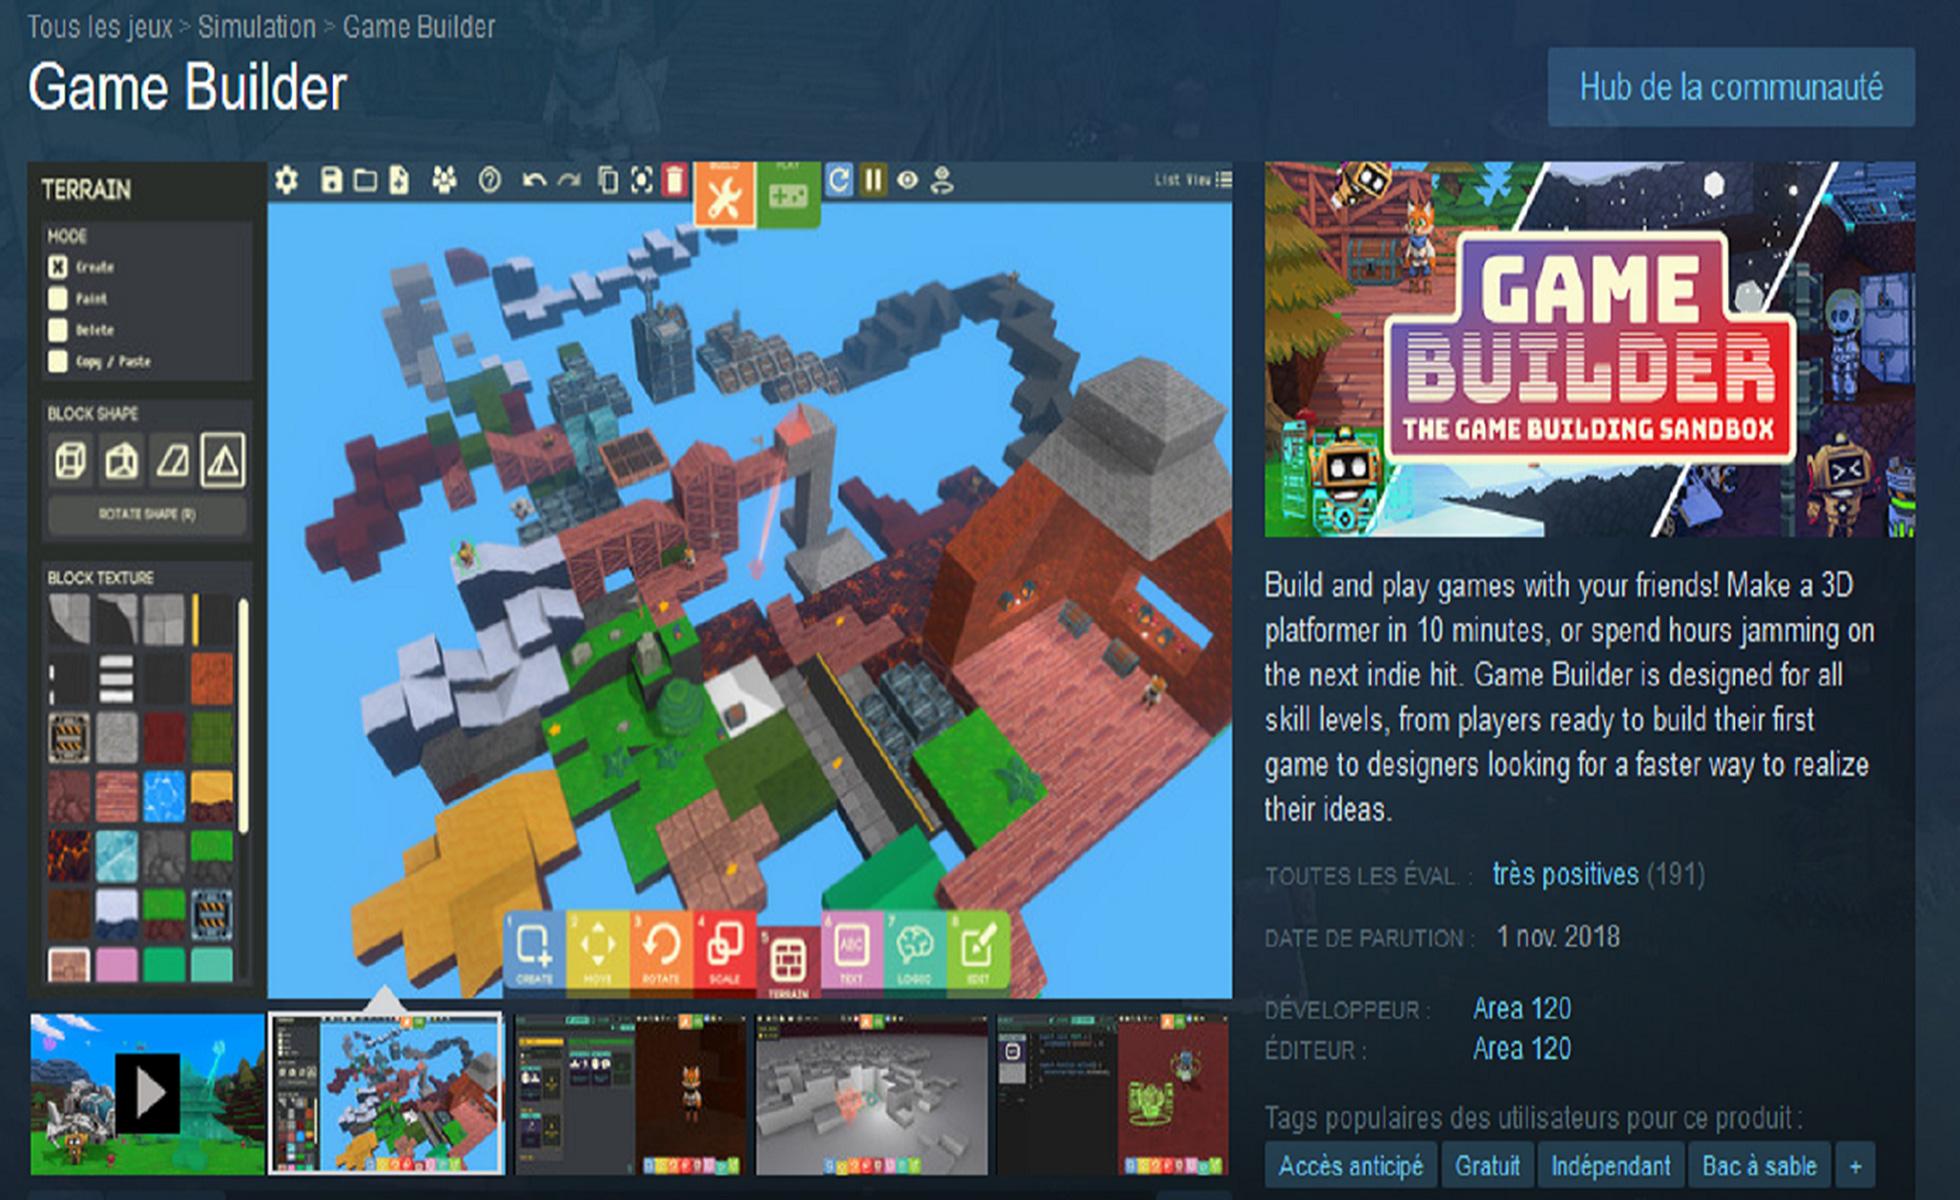 Game Builder, cet outil de Google qui permet aux non-initiés de créer leur jeu vidéo